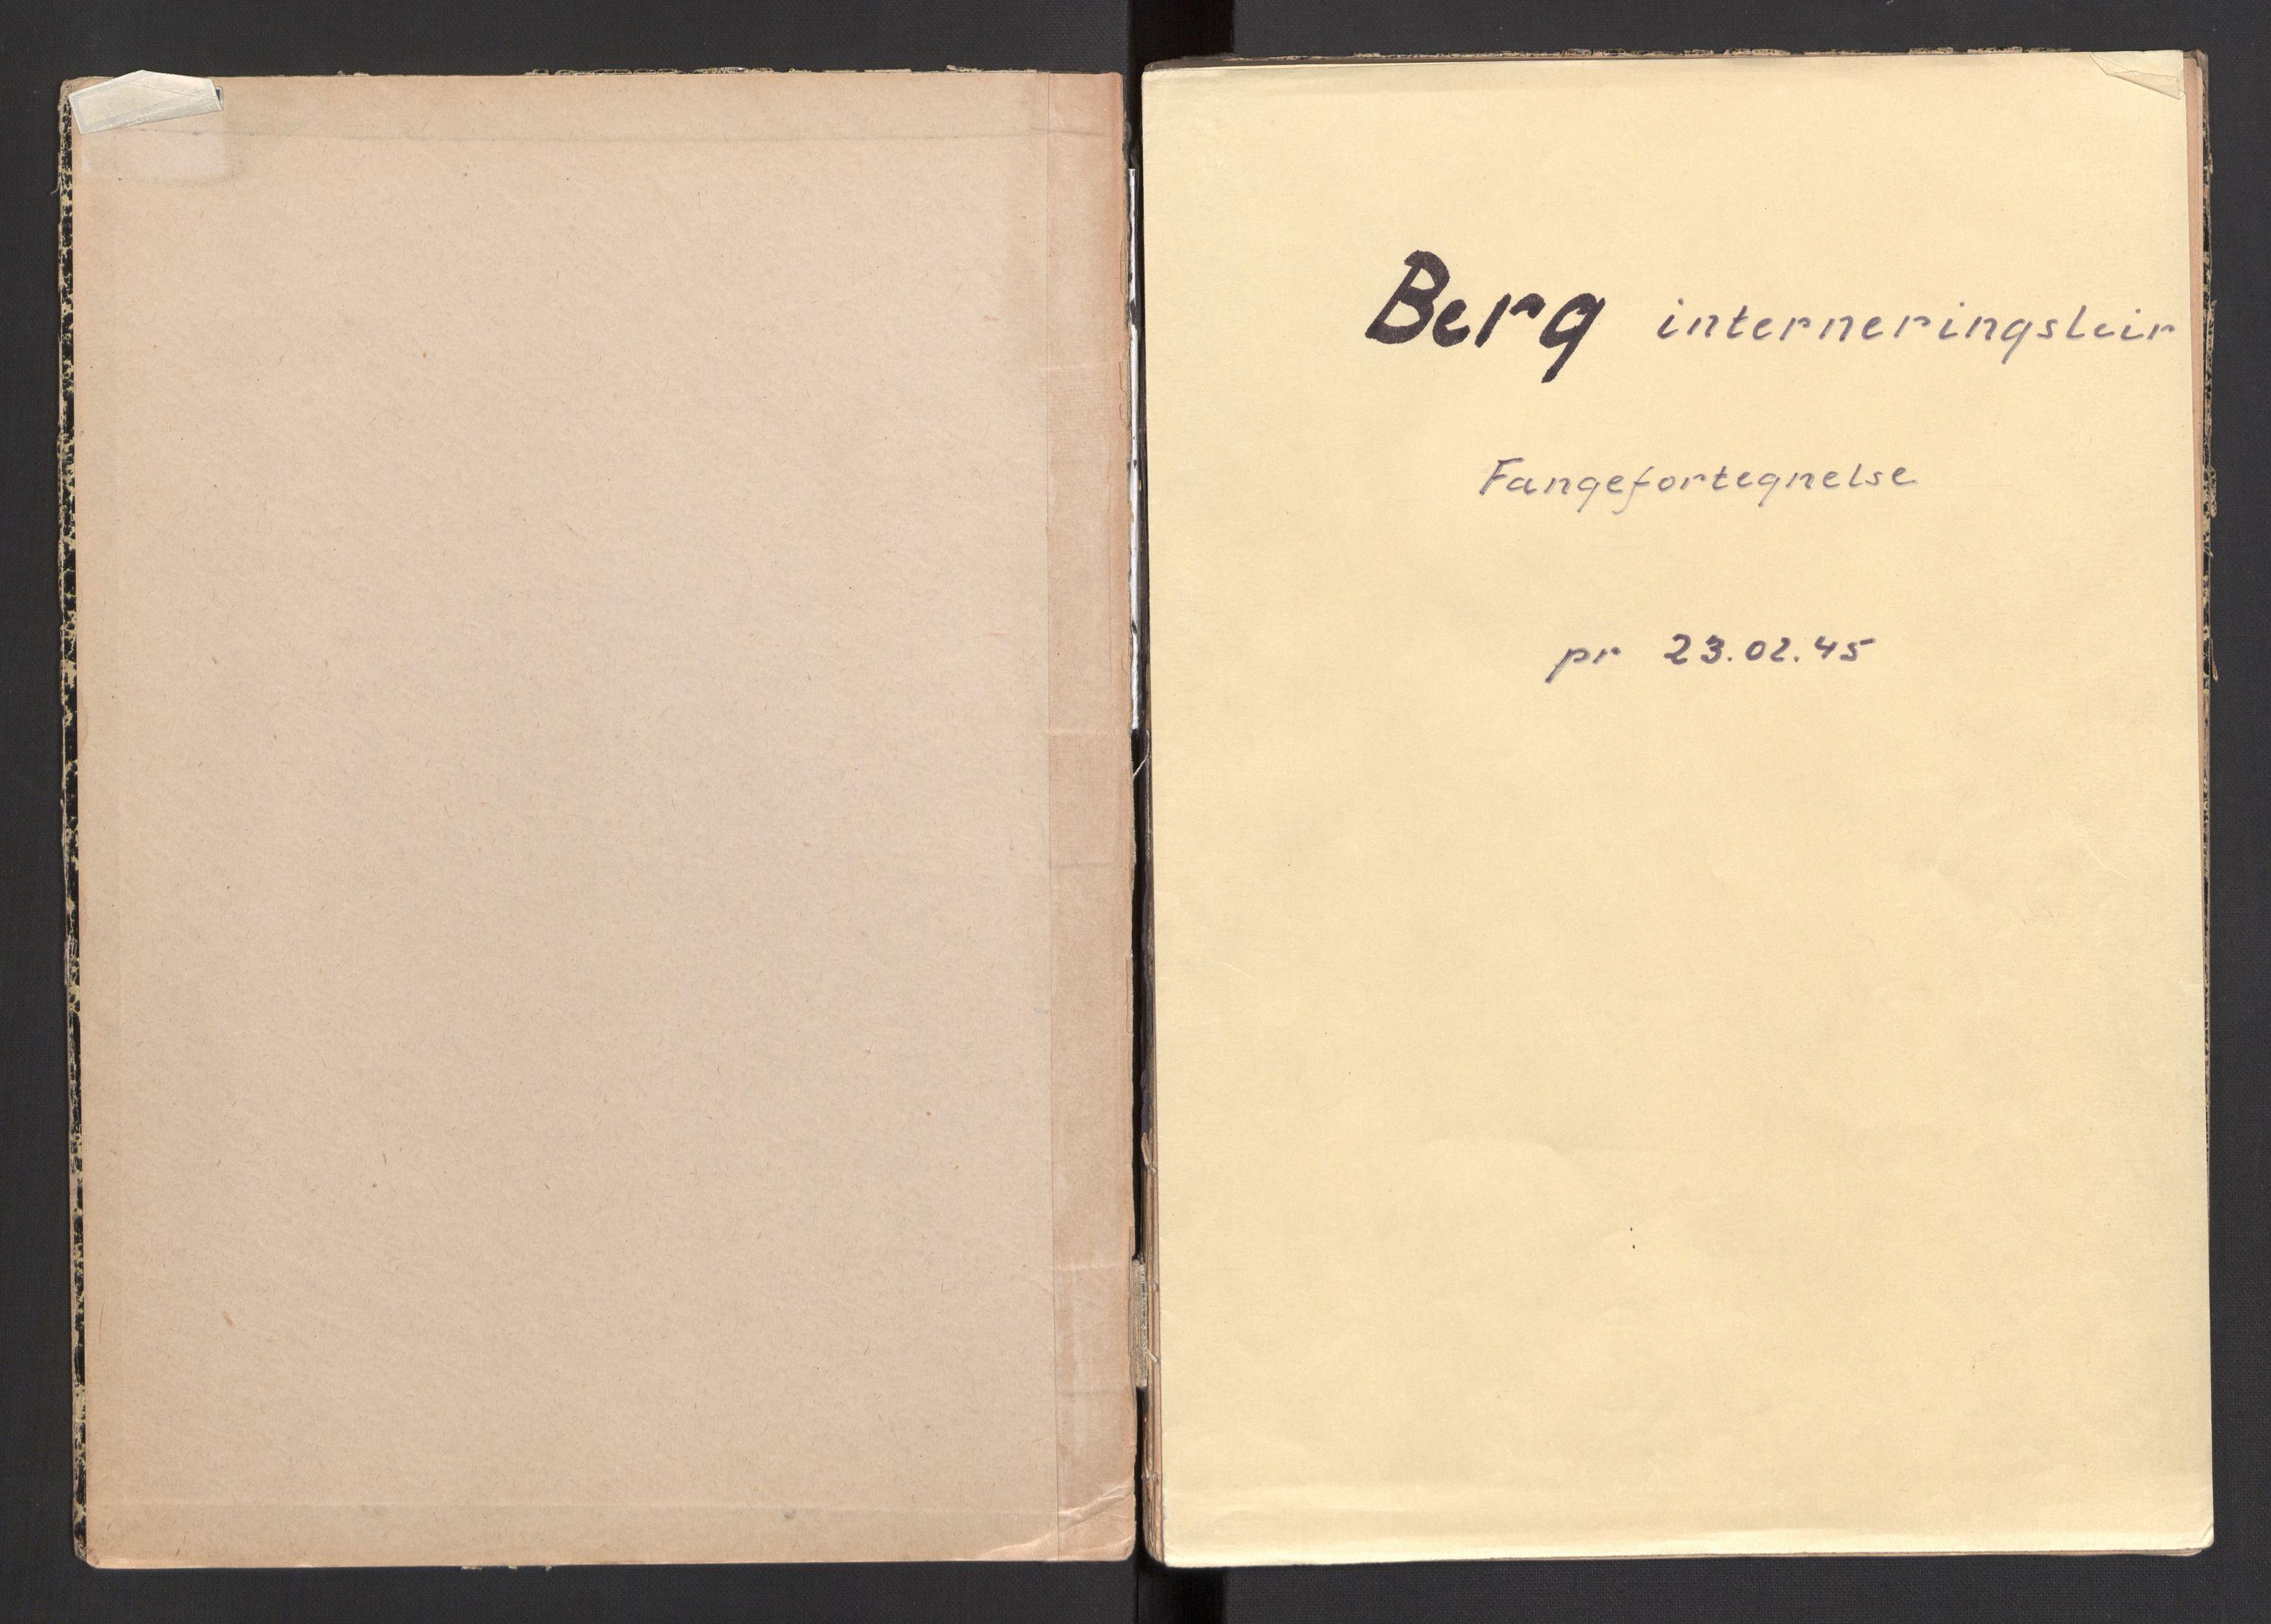 SAKO, Berg interneringsleir, G/Ga/L0001: Fangefortegnelse, 1942-1945